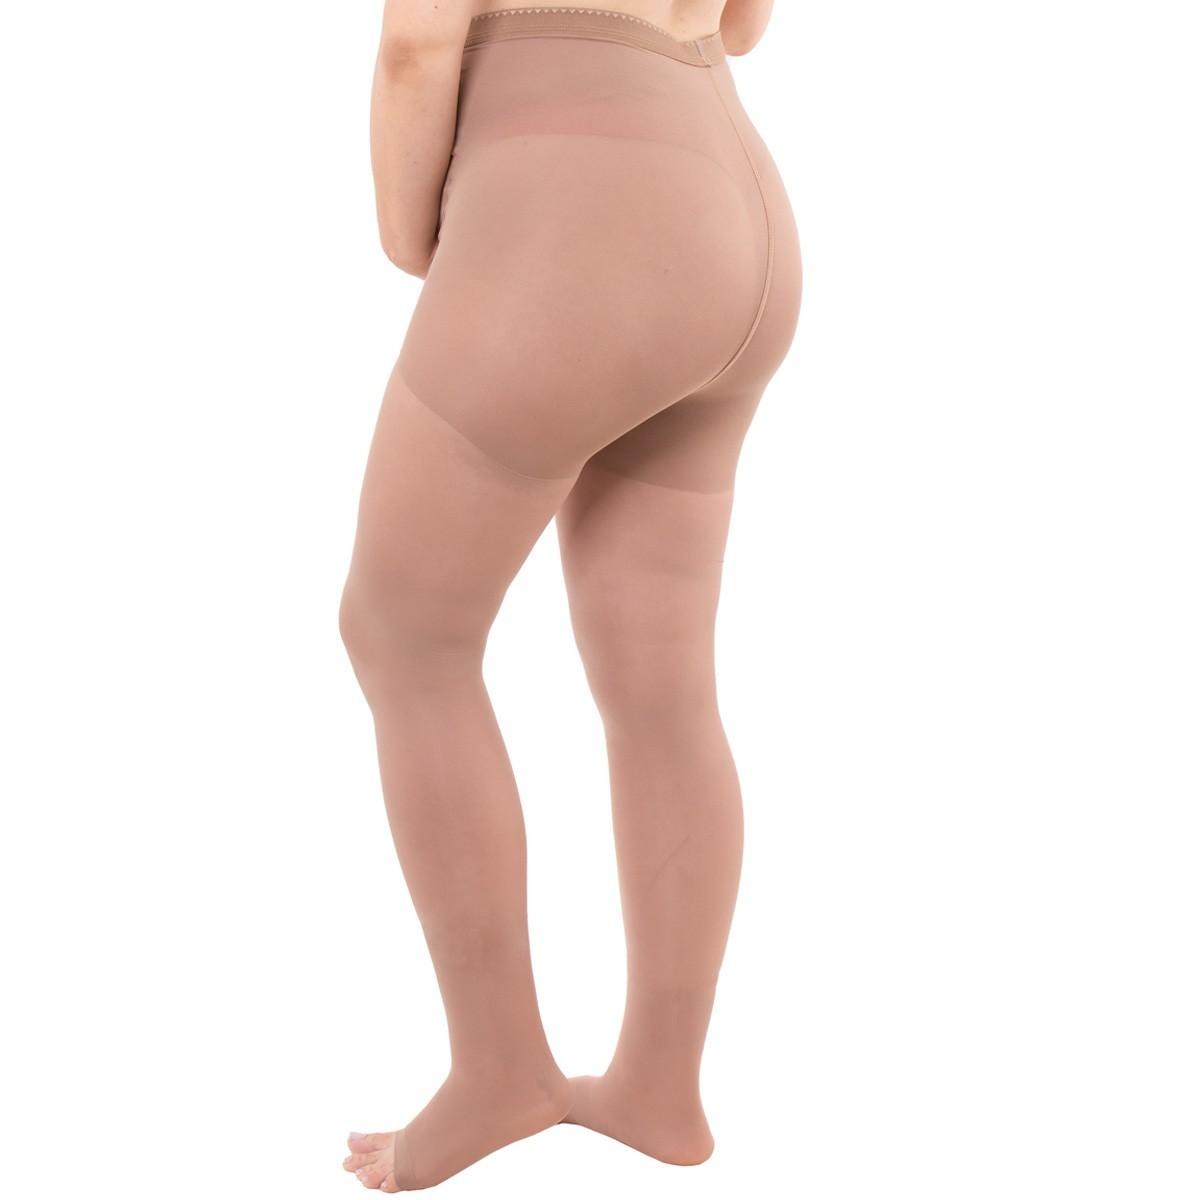 Meia calça gestante com média compressão sem ponteira Kendall